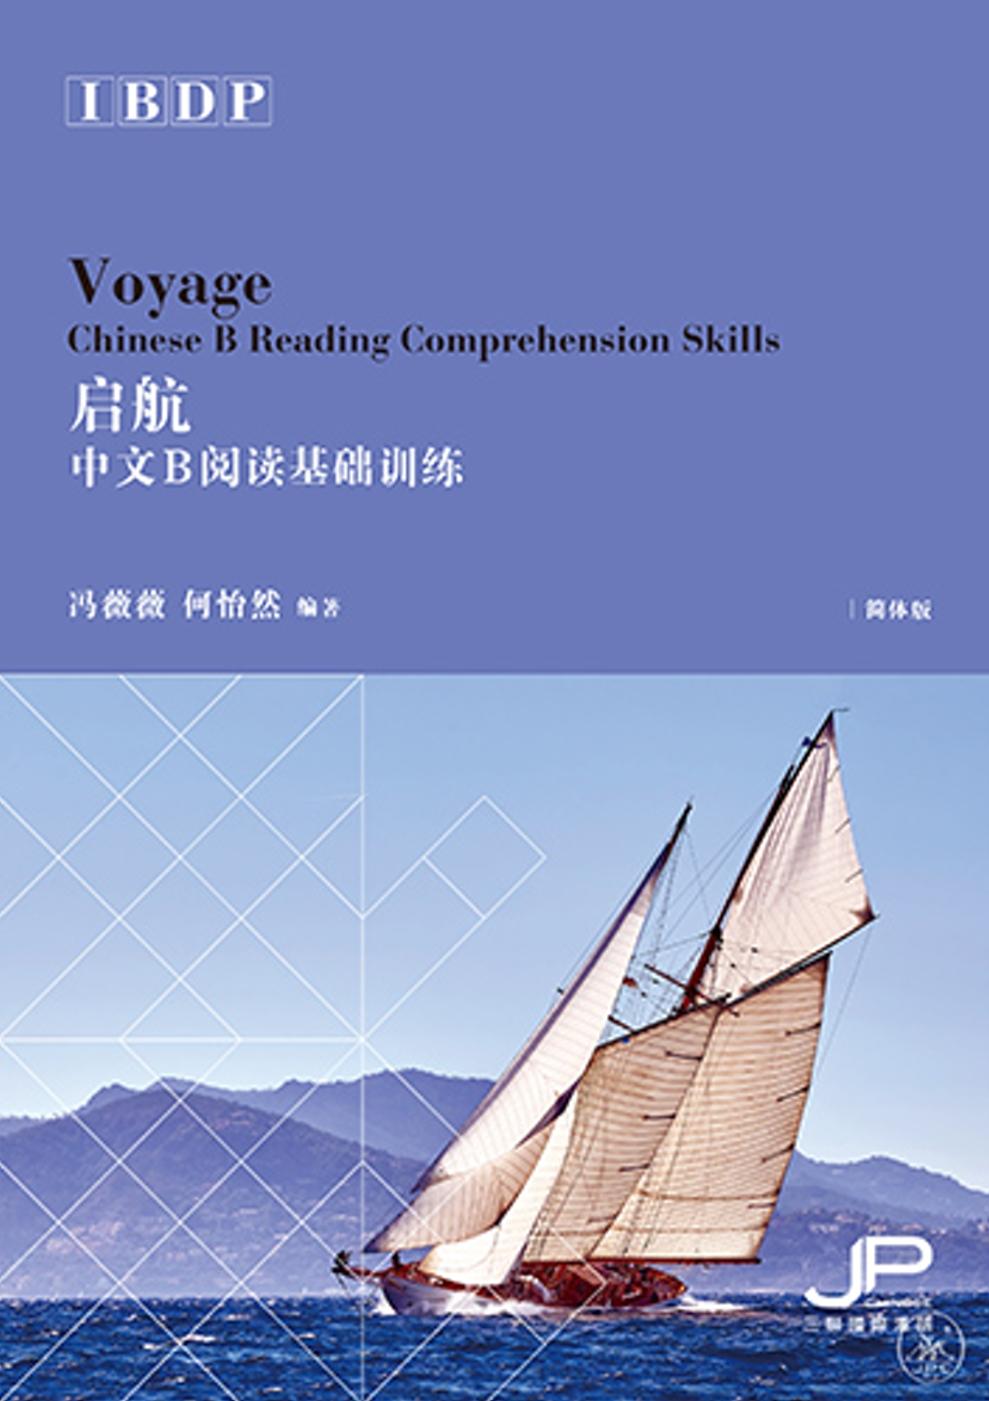 啟航:IBDP中文B閱讀基礎訓練(簡體版)